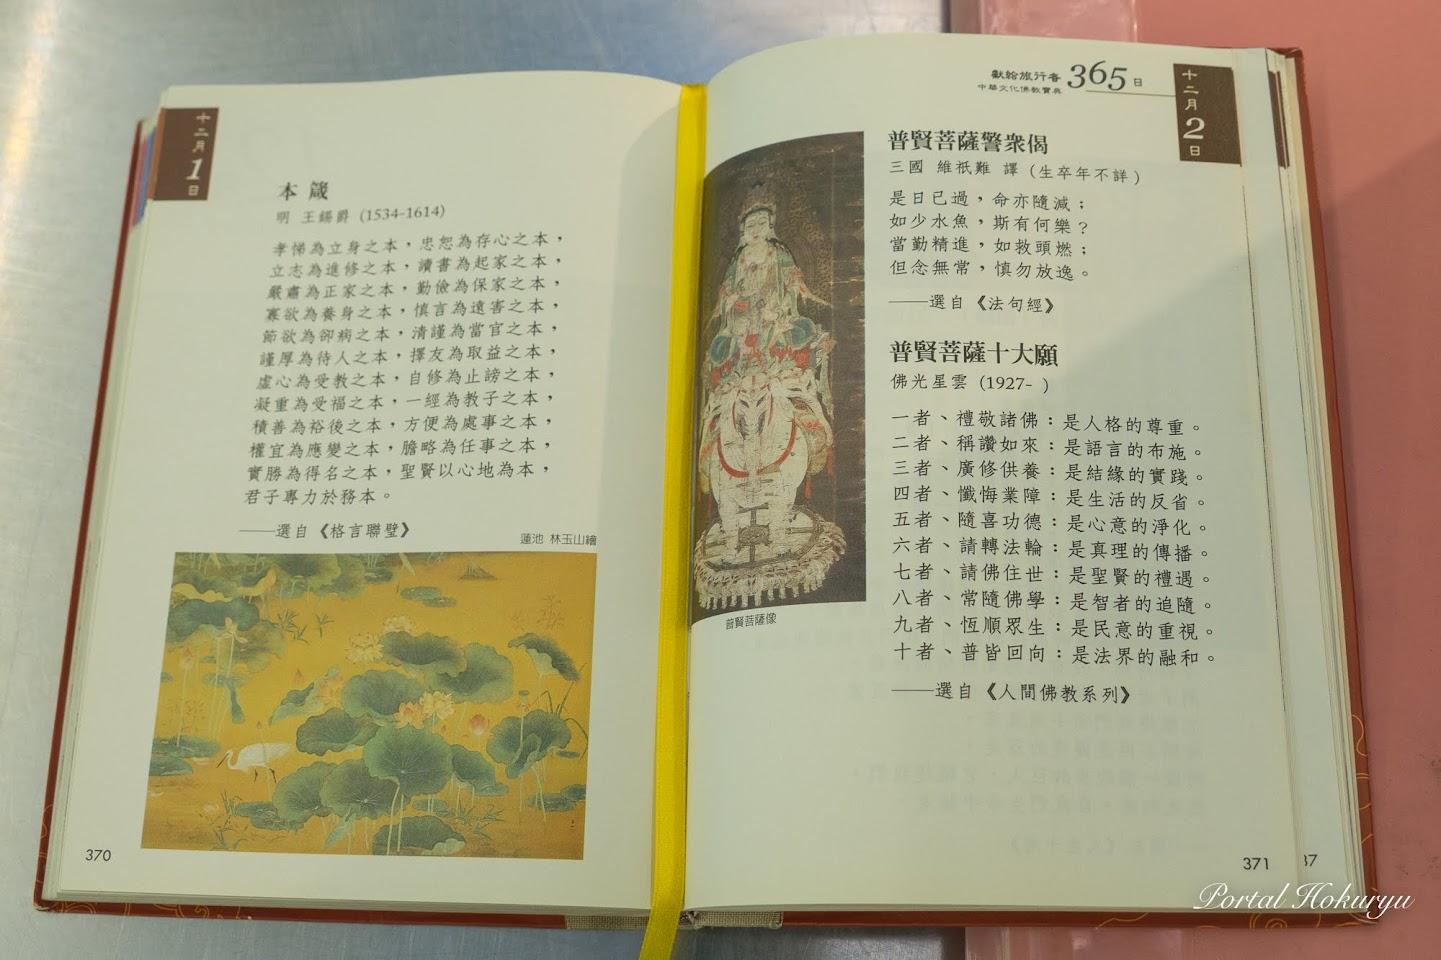 『356日中華文化仏教辞典』の一節(12月2日の言葉)を唱える